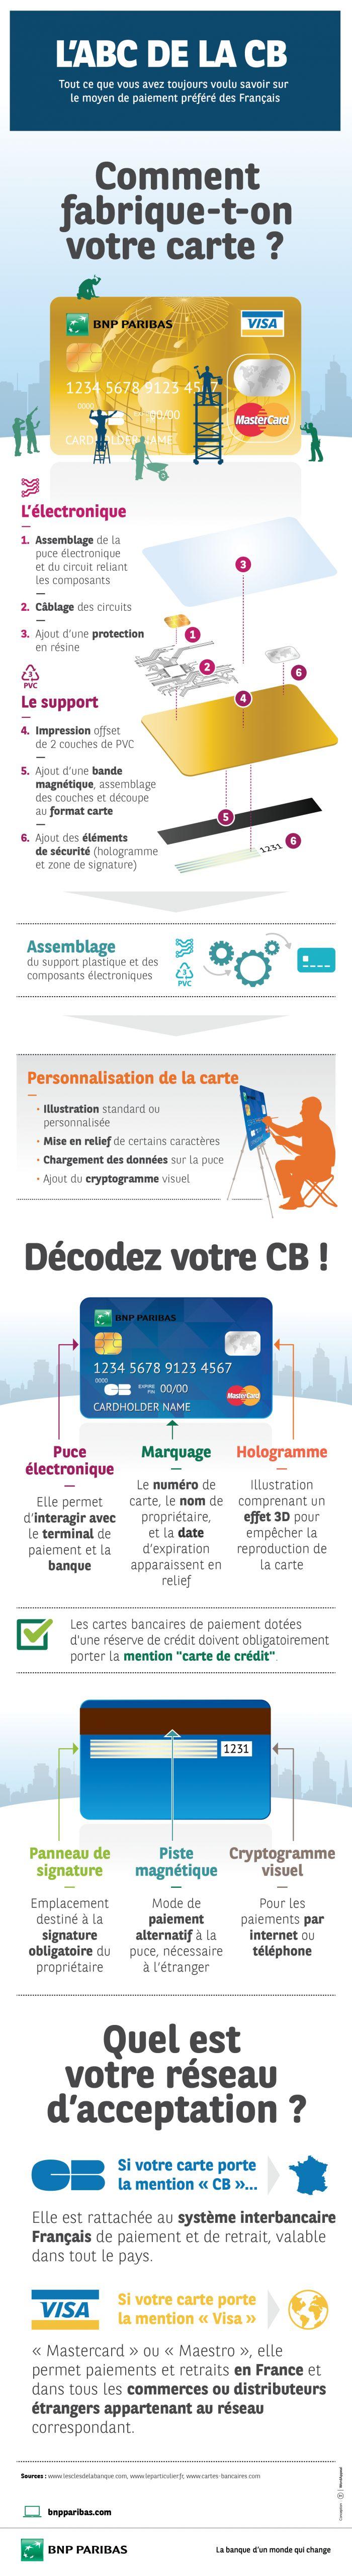 [Infographie] L'ABC de la CB : Tout ce que vous avez toujours voulu savoir sur le moyent de paiement préféré des Français | Banque BNP Paribas